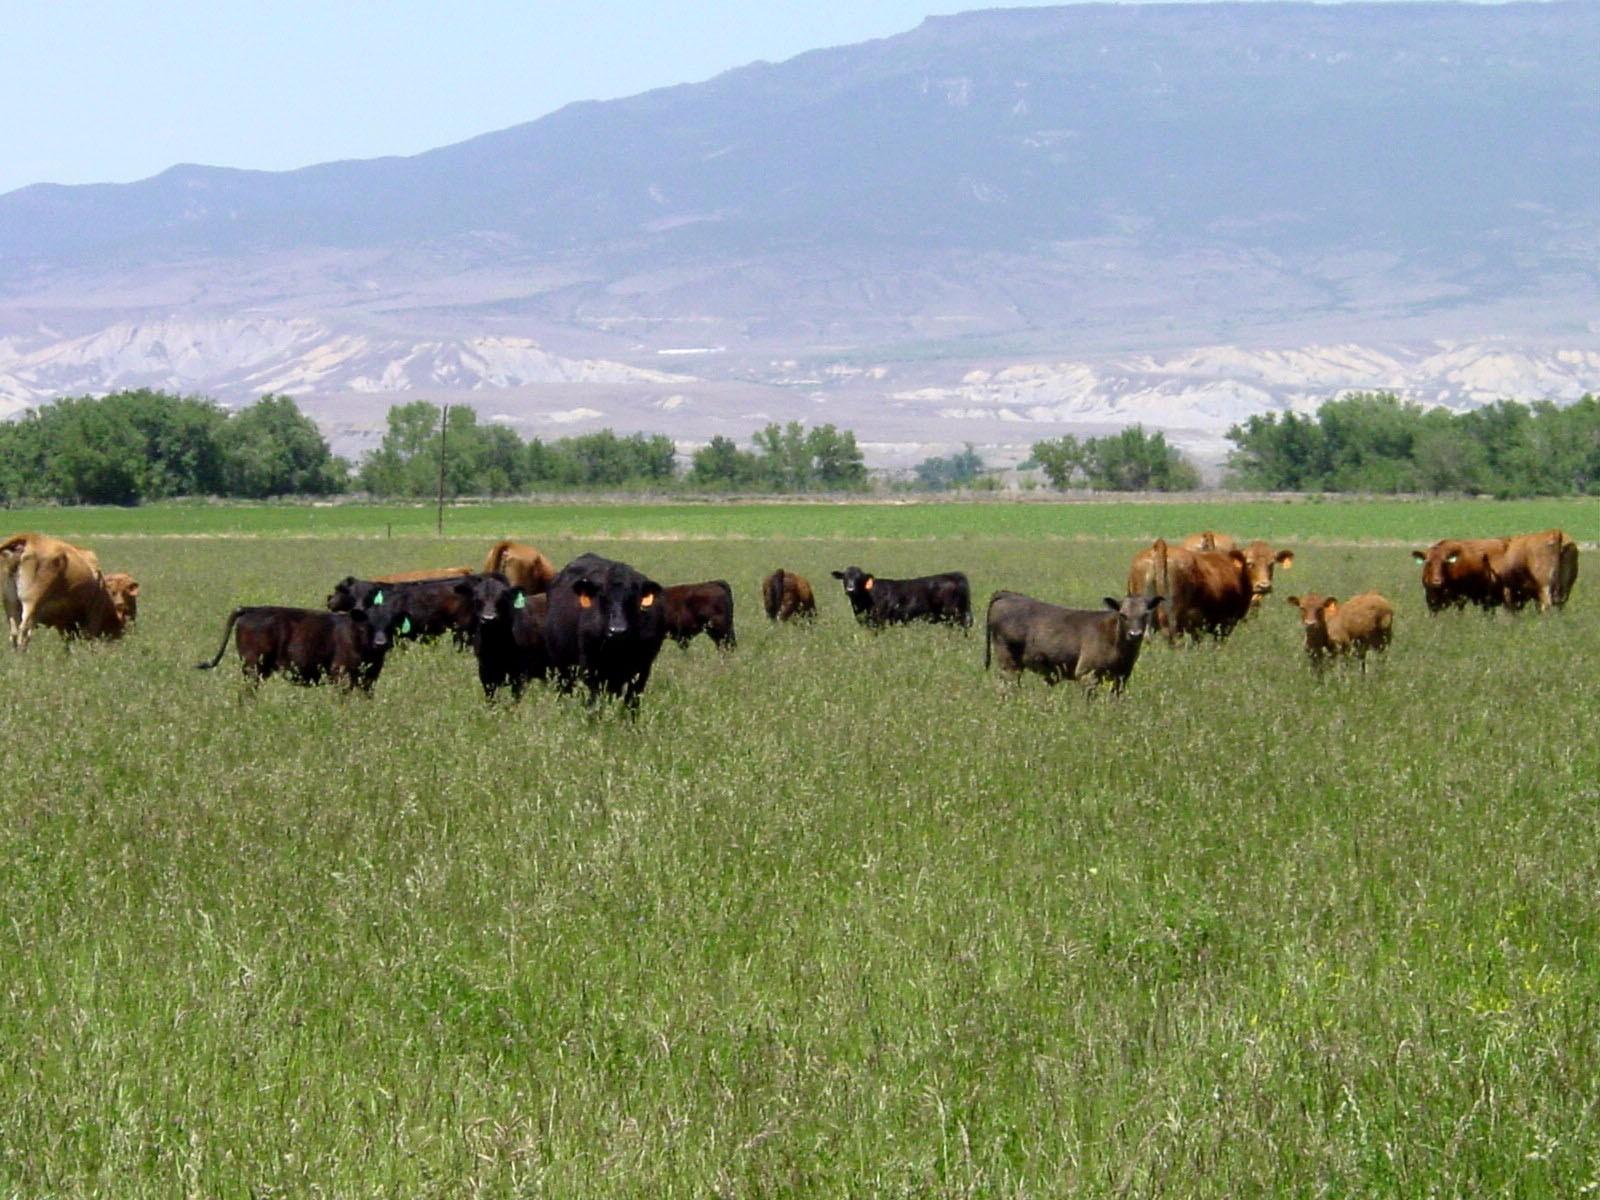 cows big field